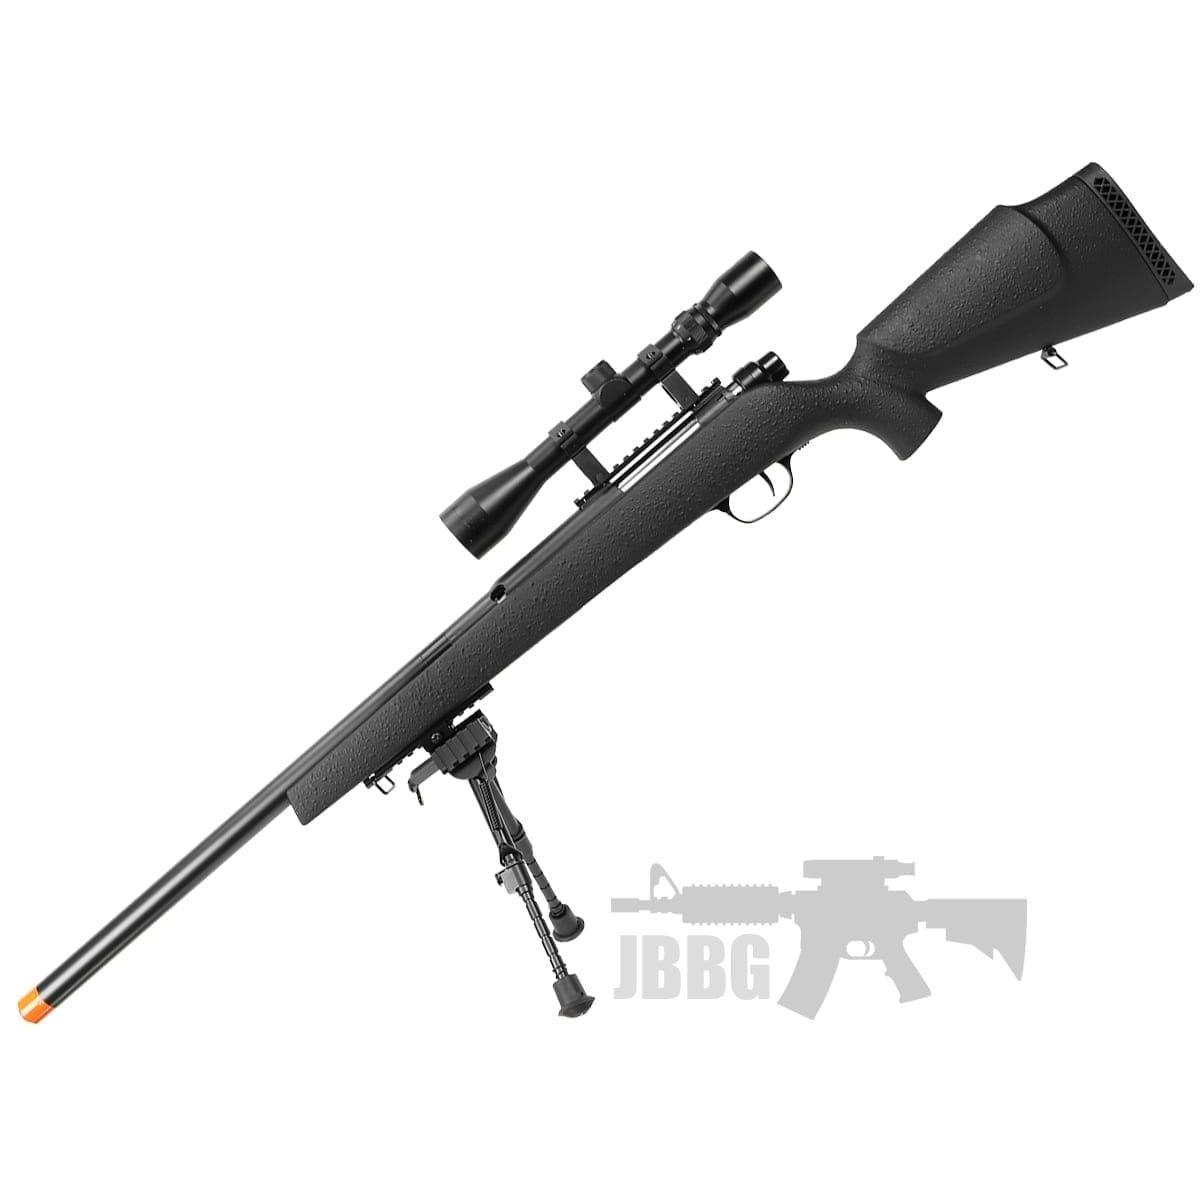 x9 sniper rifle